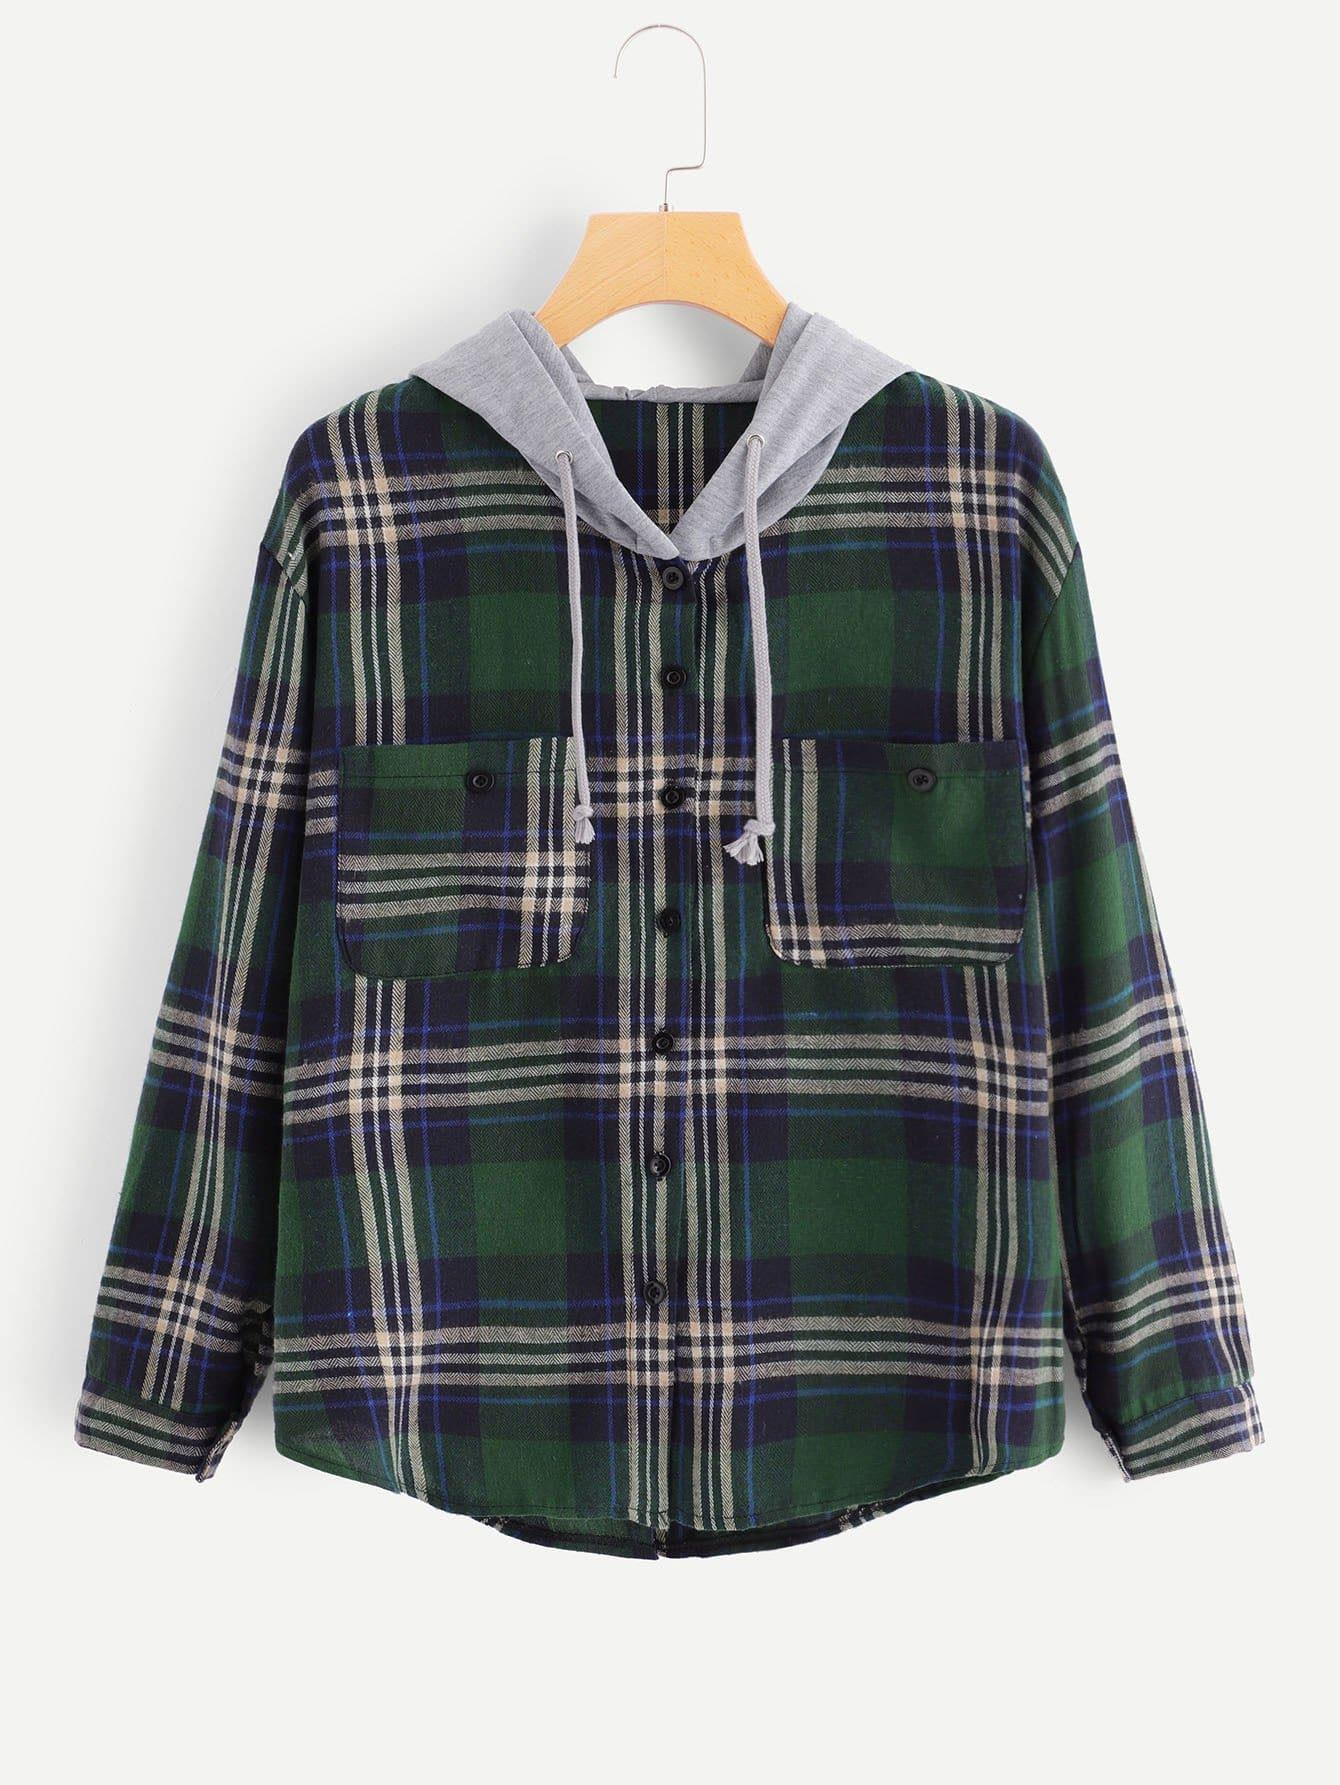 Купить Пуловер с капюшоном и грудь с украшением кармана и с украшением пуговицы перед одежды, null, SheIn